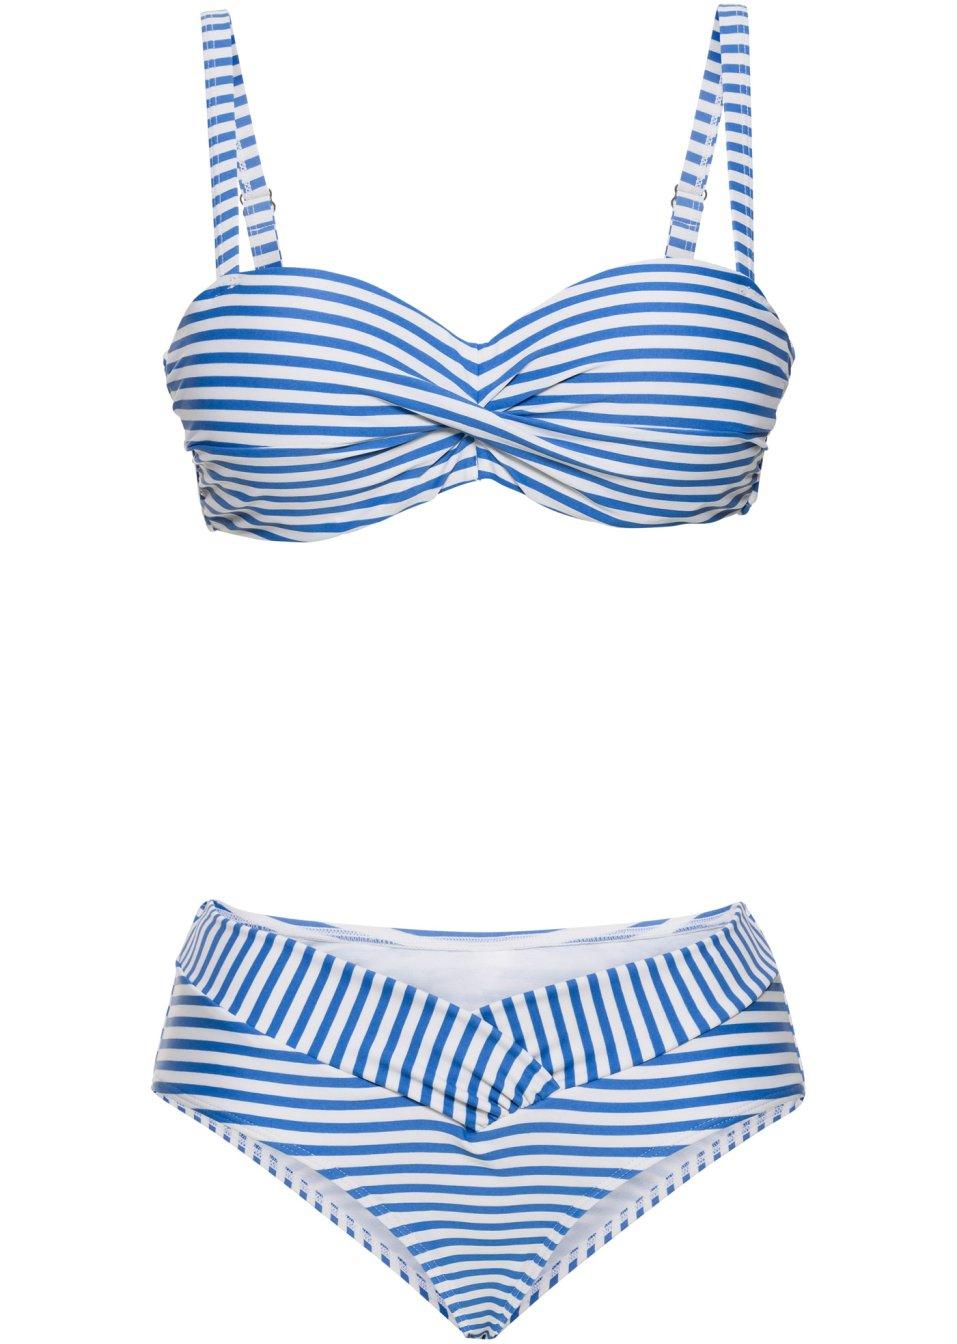 attraktiver balconette bikini mit verdeckten b geln blau wei gestreift cup b. Black Bedroom Furniture Sets. Home Design Ideas